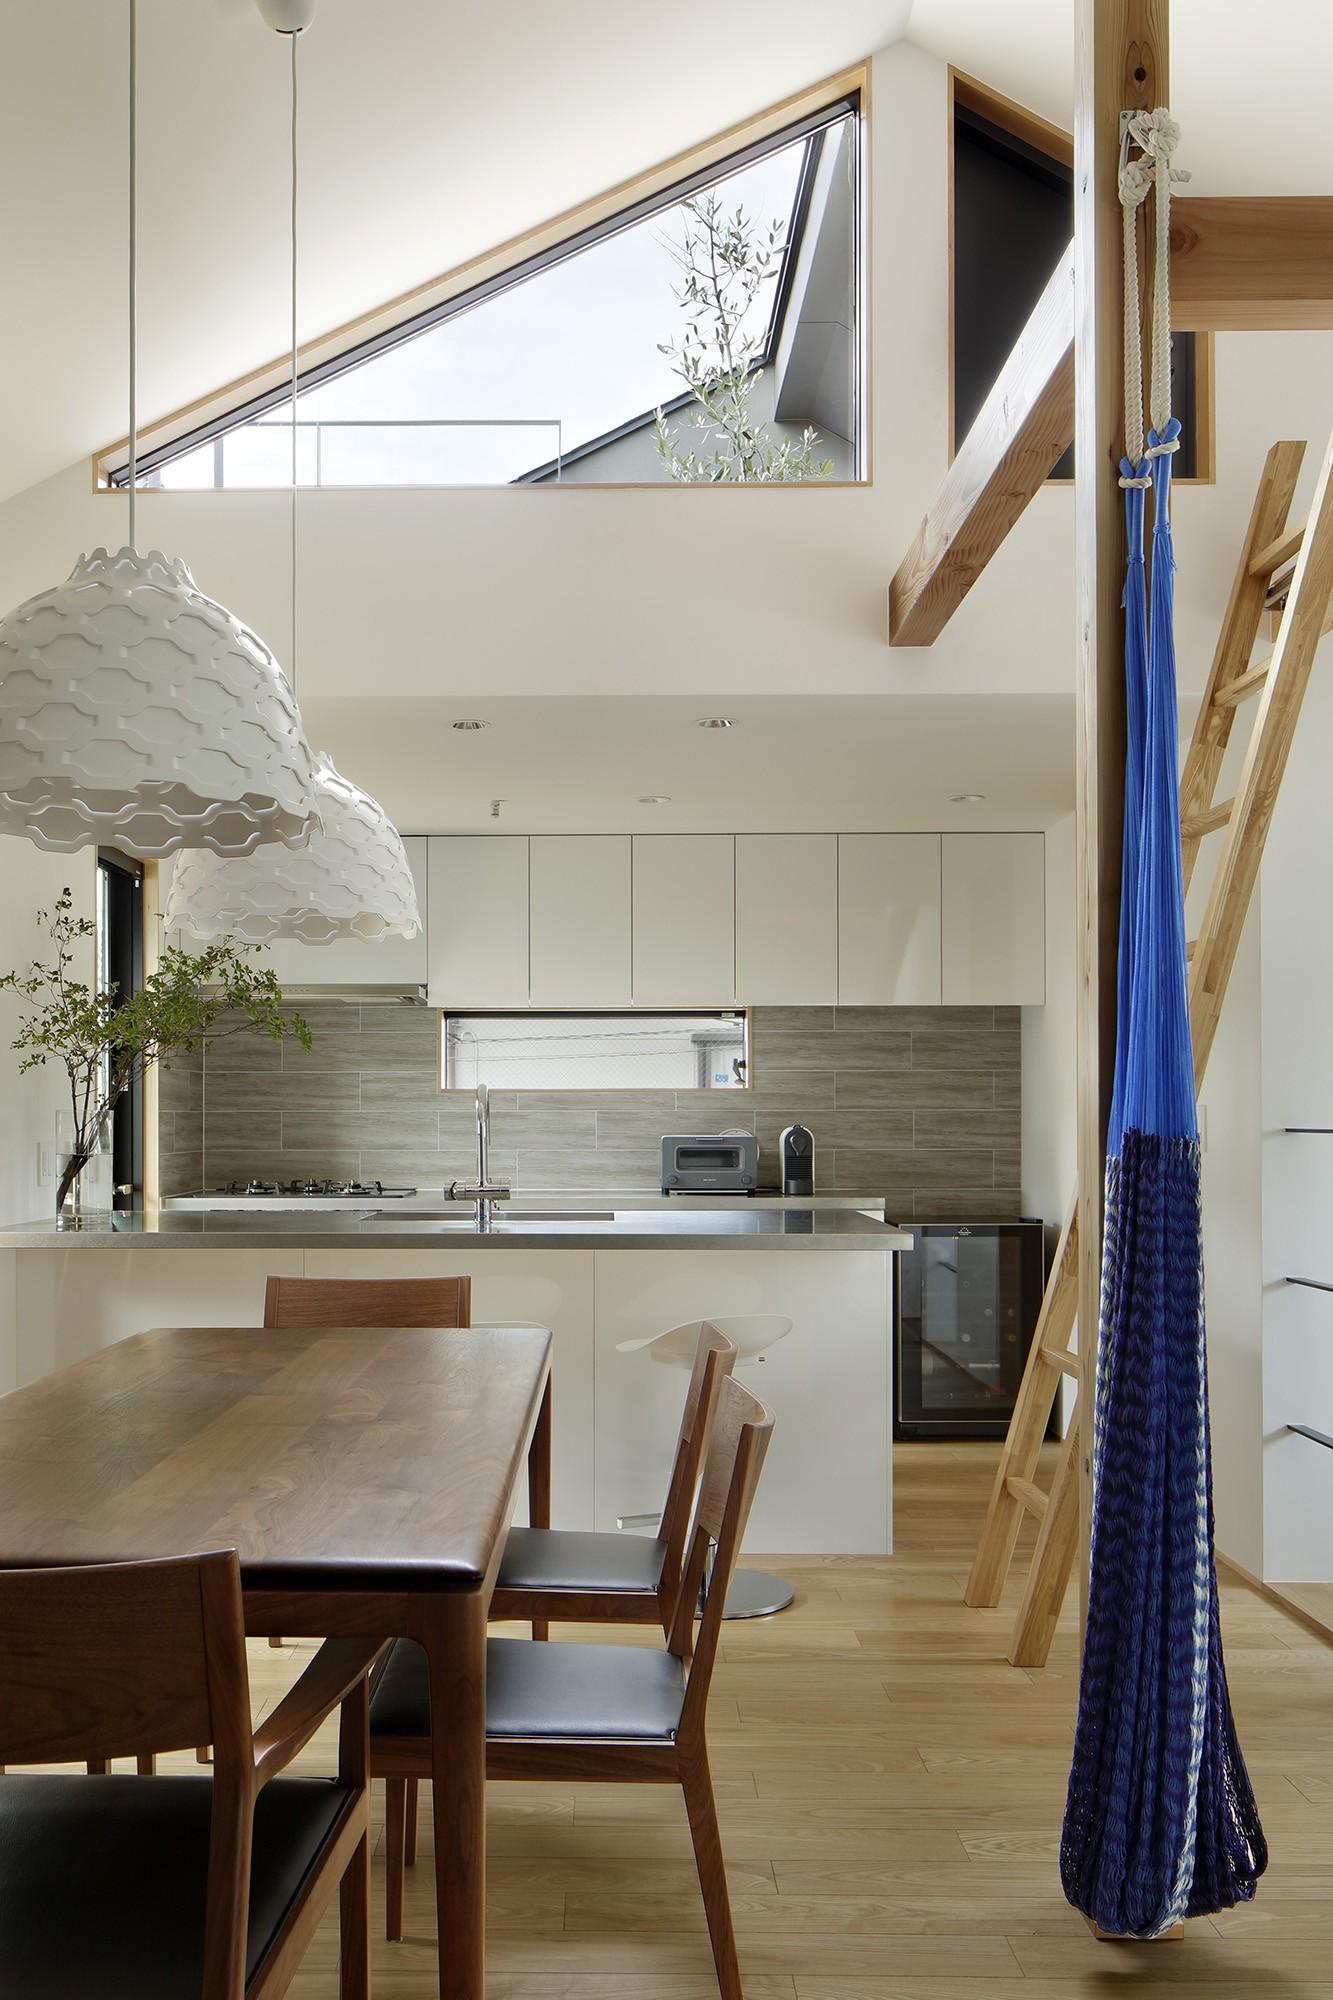 キッチン事例:ダイニングキッチン(桜上水の住宅 / 半地下と屋上の効果)